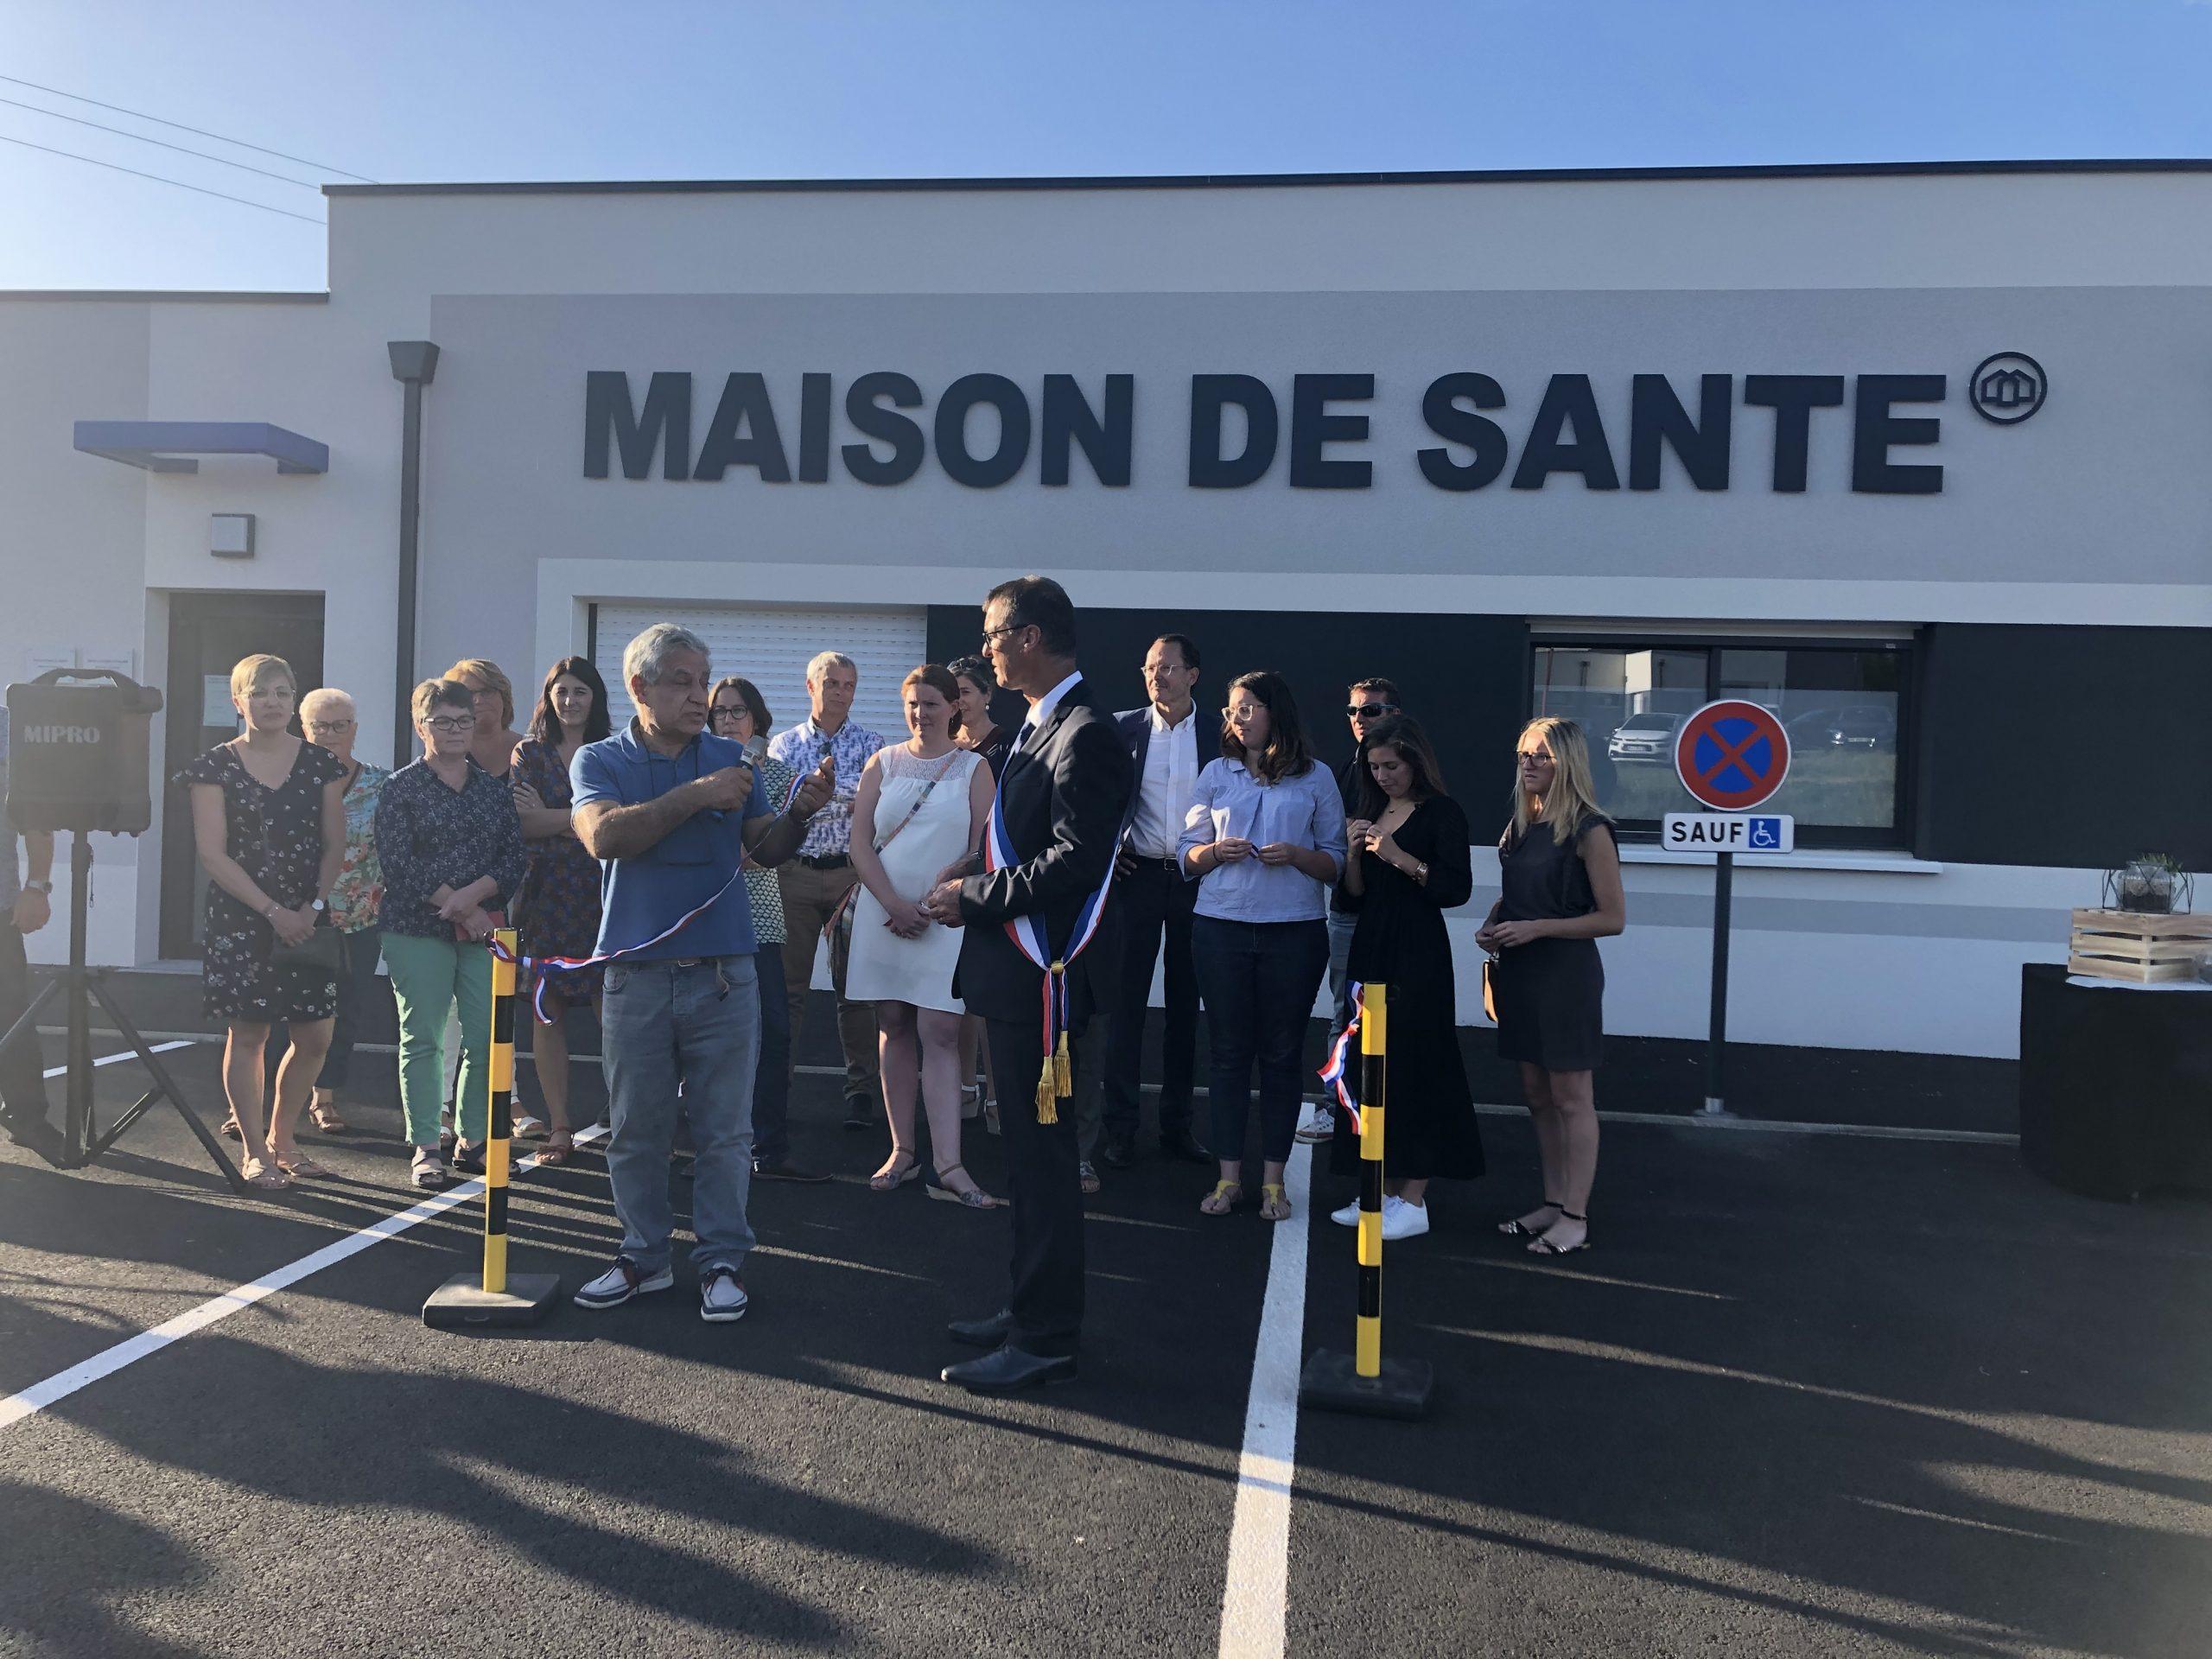 Inauguration de la maison de santé de Bourg-des-Comptes (35)